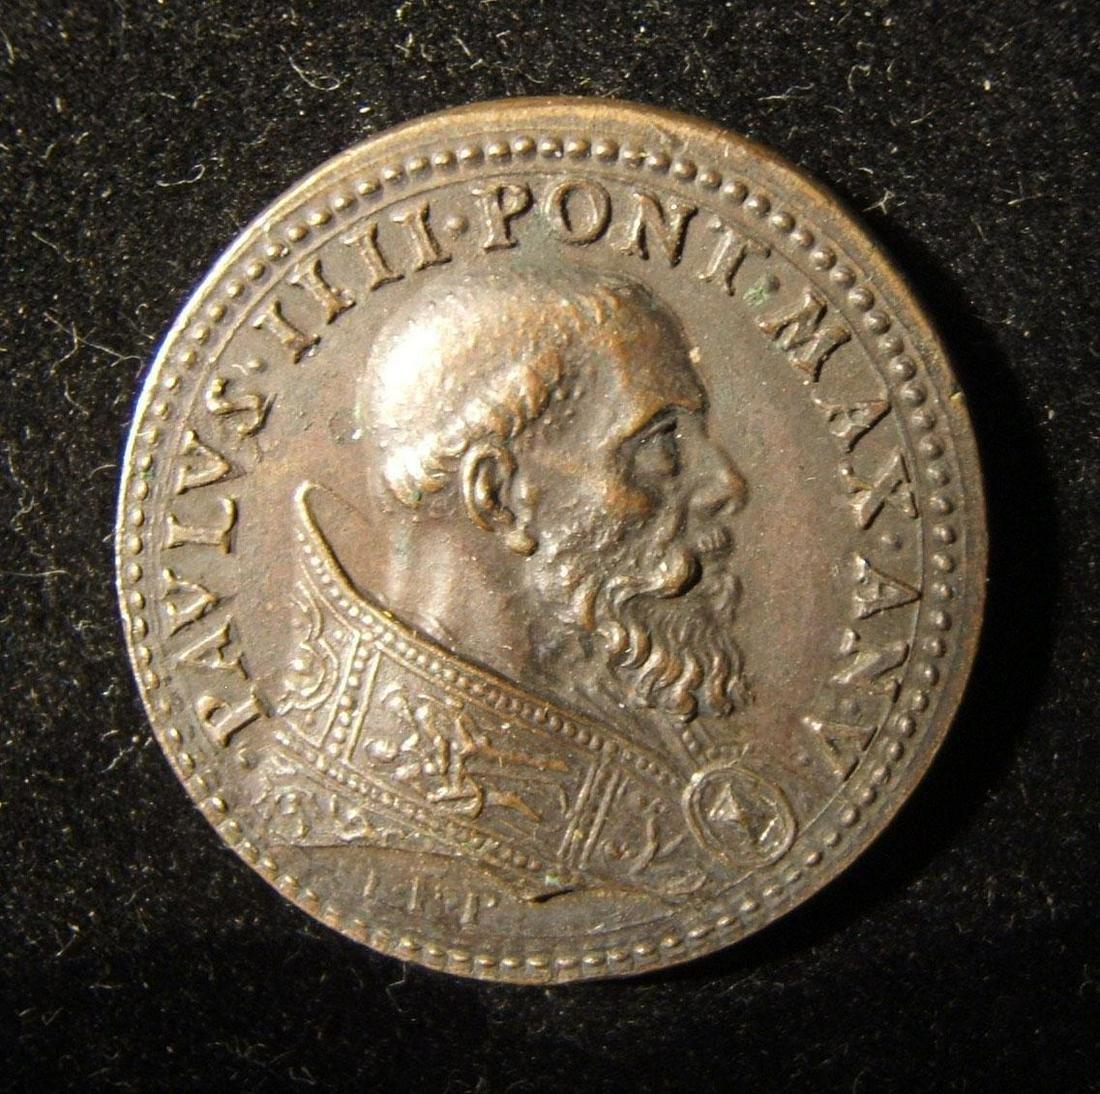 Pope Paul IV/Jesus-merchants struck bronze medal by